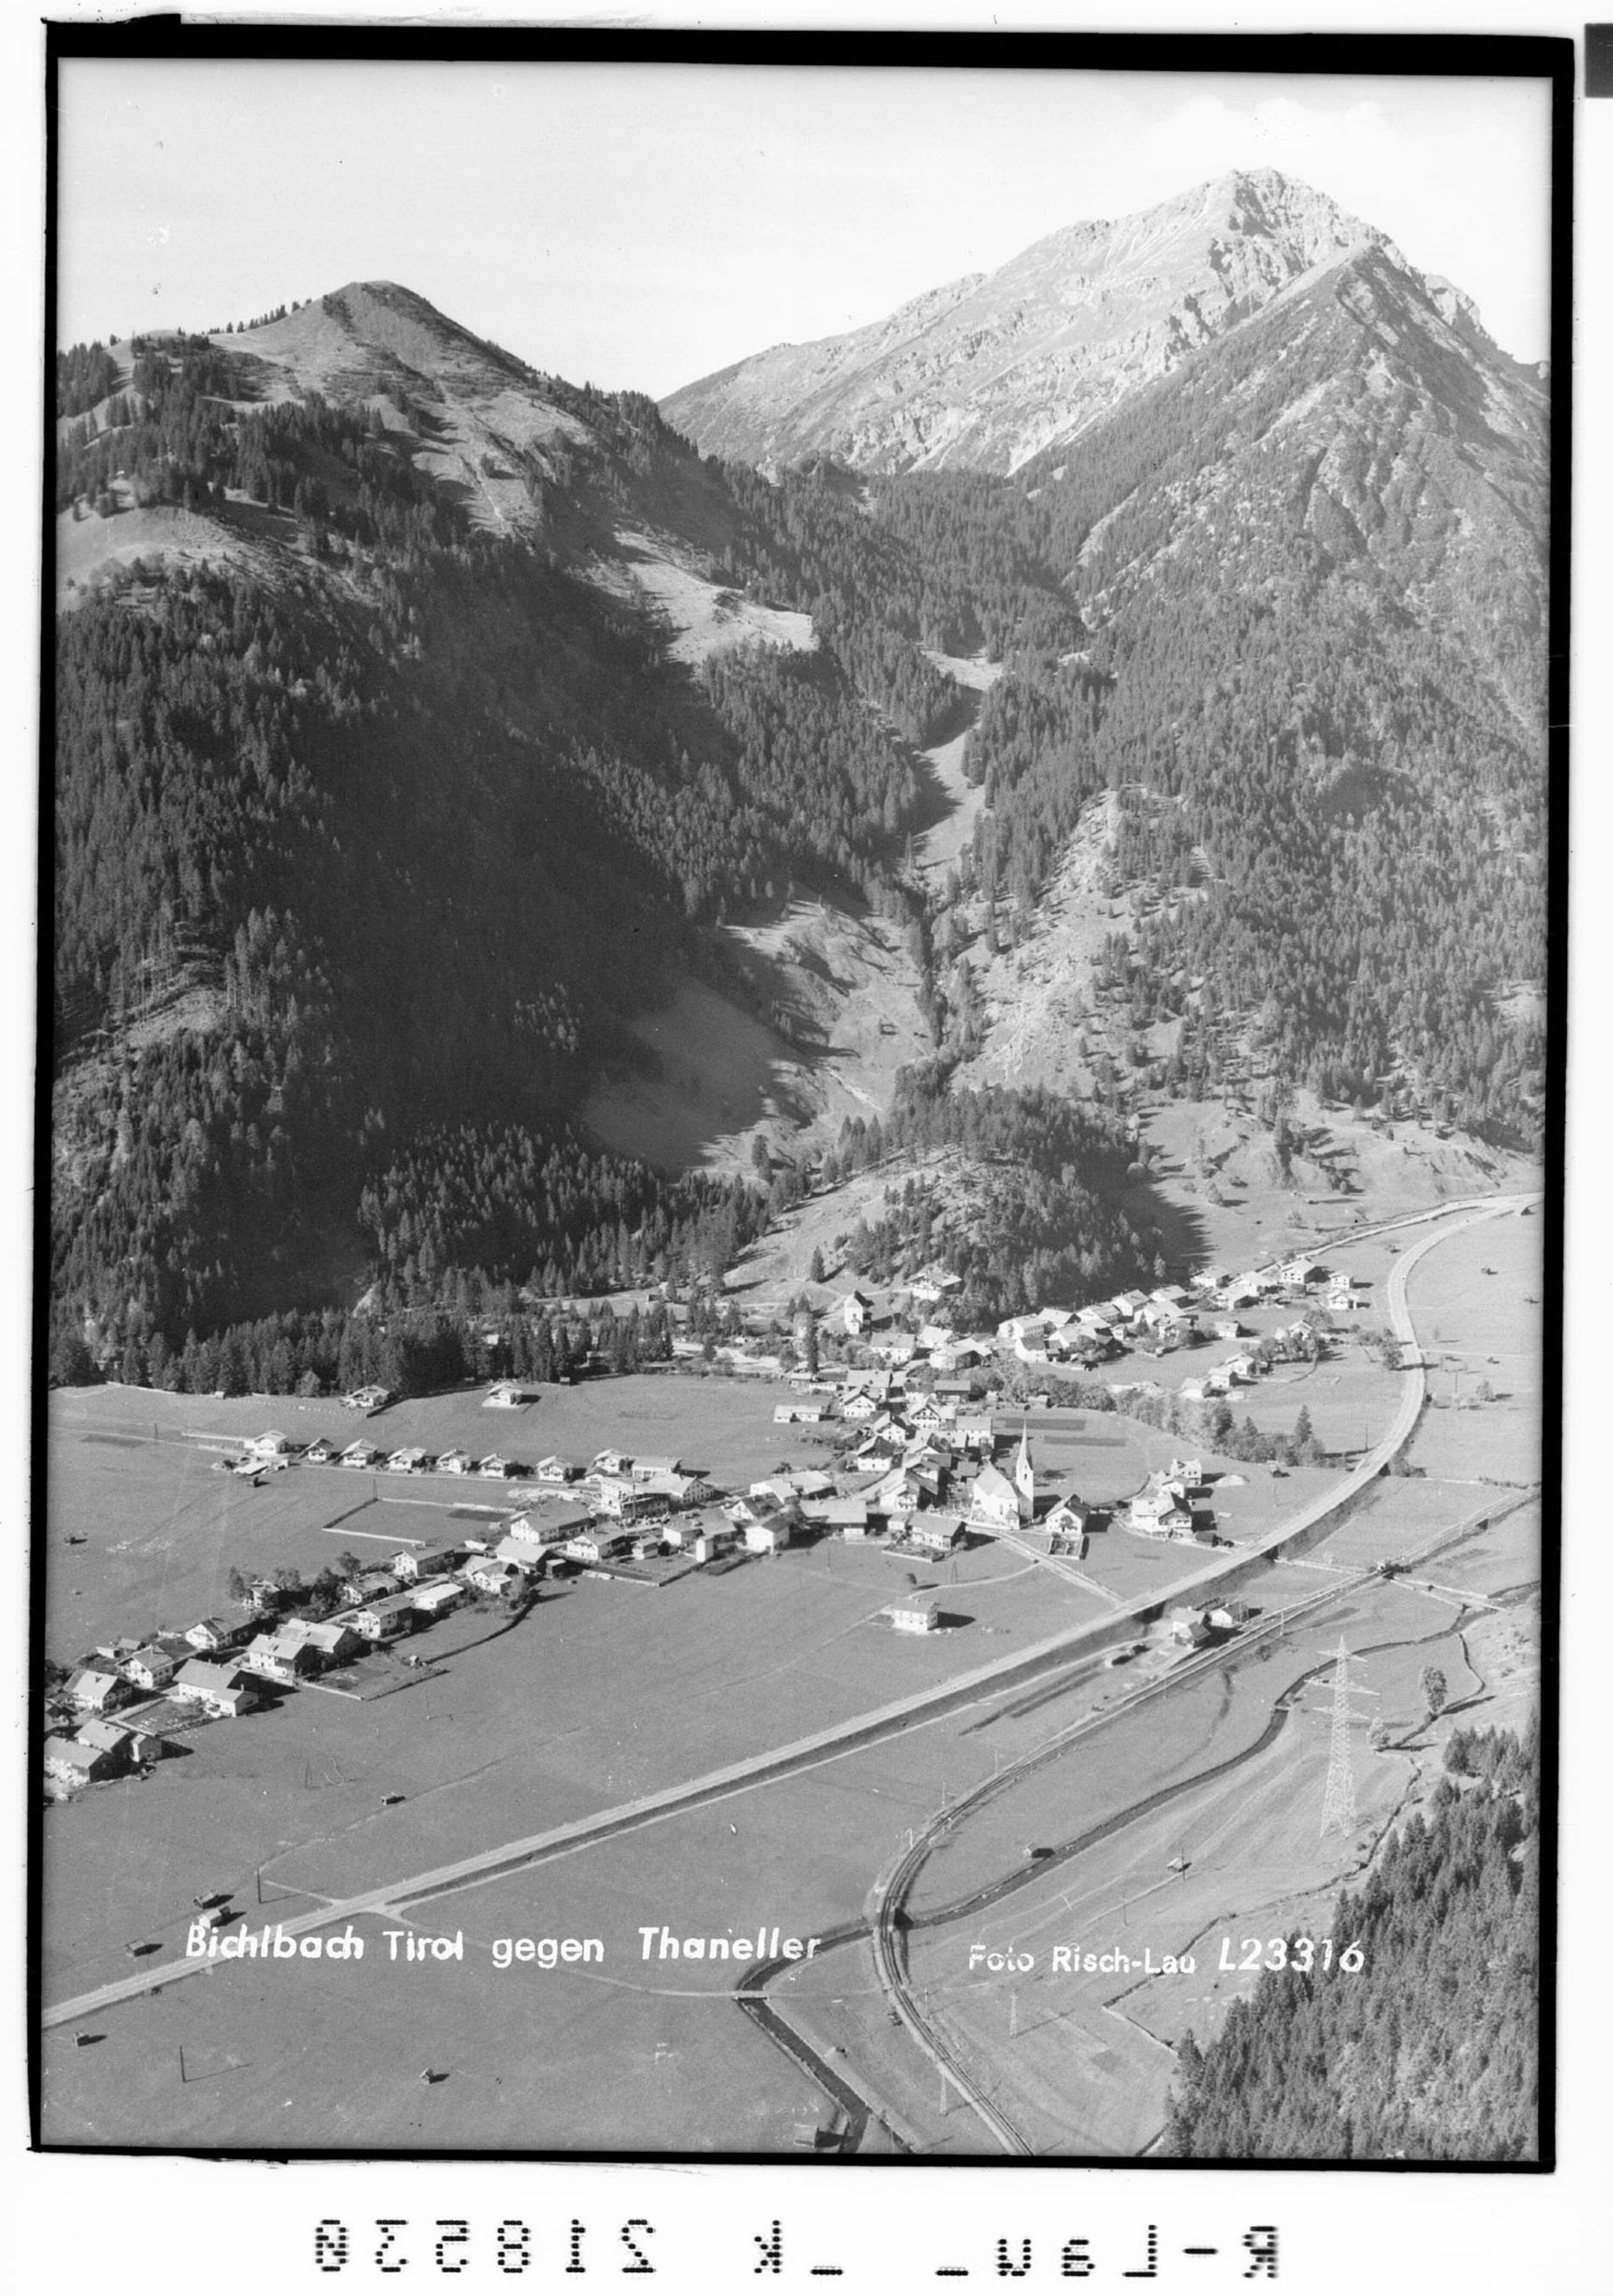 Bichlbach Tirol gegen Thaneller von Risch-Lau